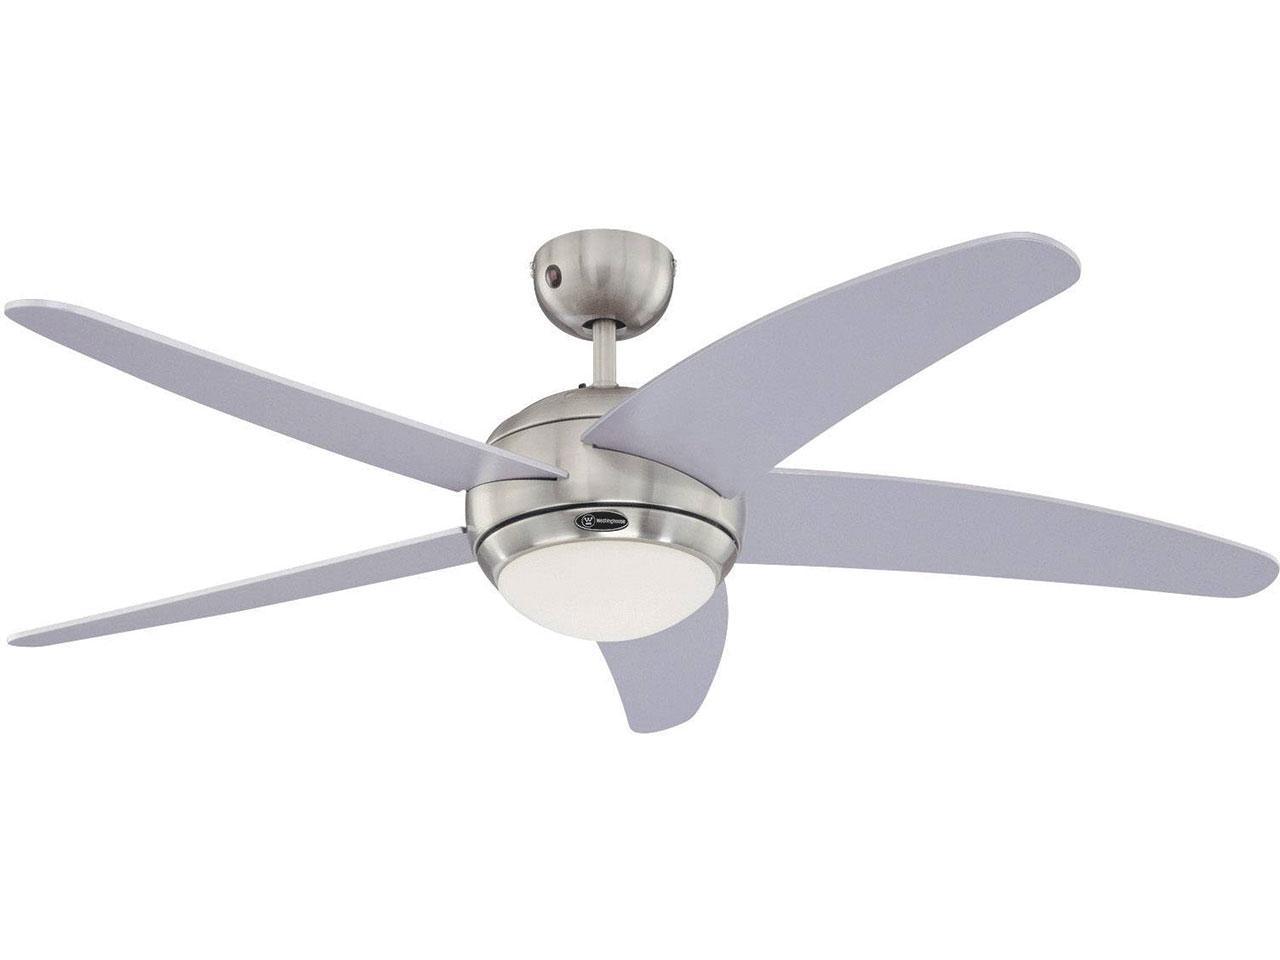 Stropní ventilátor s osvětlením PROKLIMA Fabolia, 132 cm